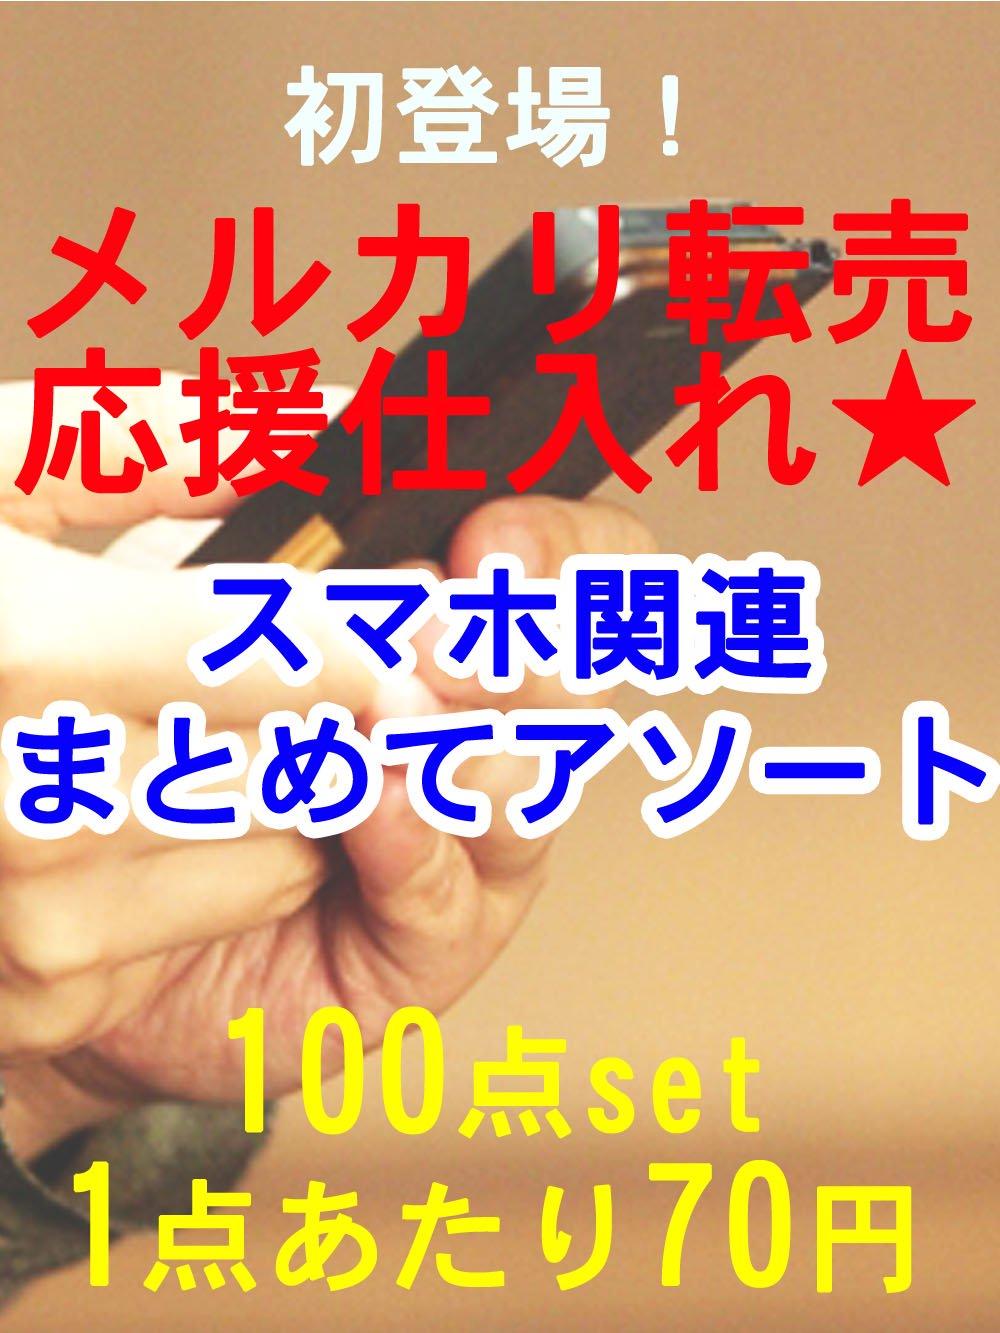 【初登場!メルカリ転売応援仕入れ★】スマホ関連まとめてアソート☆【100点】@70